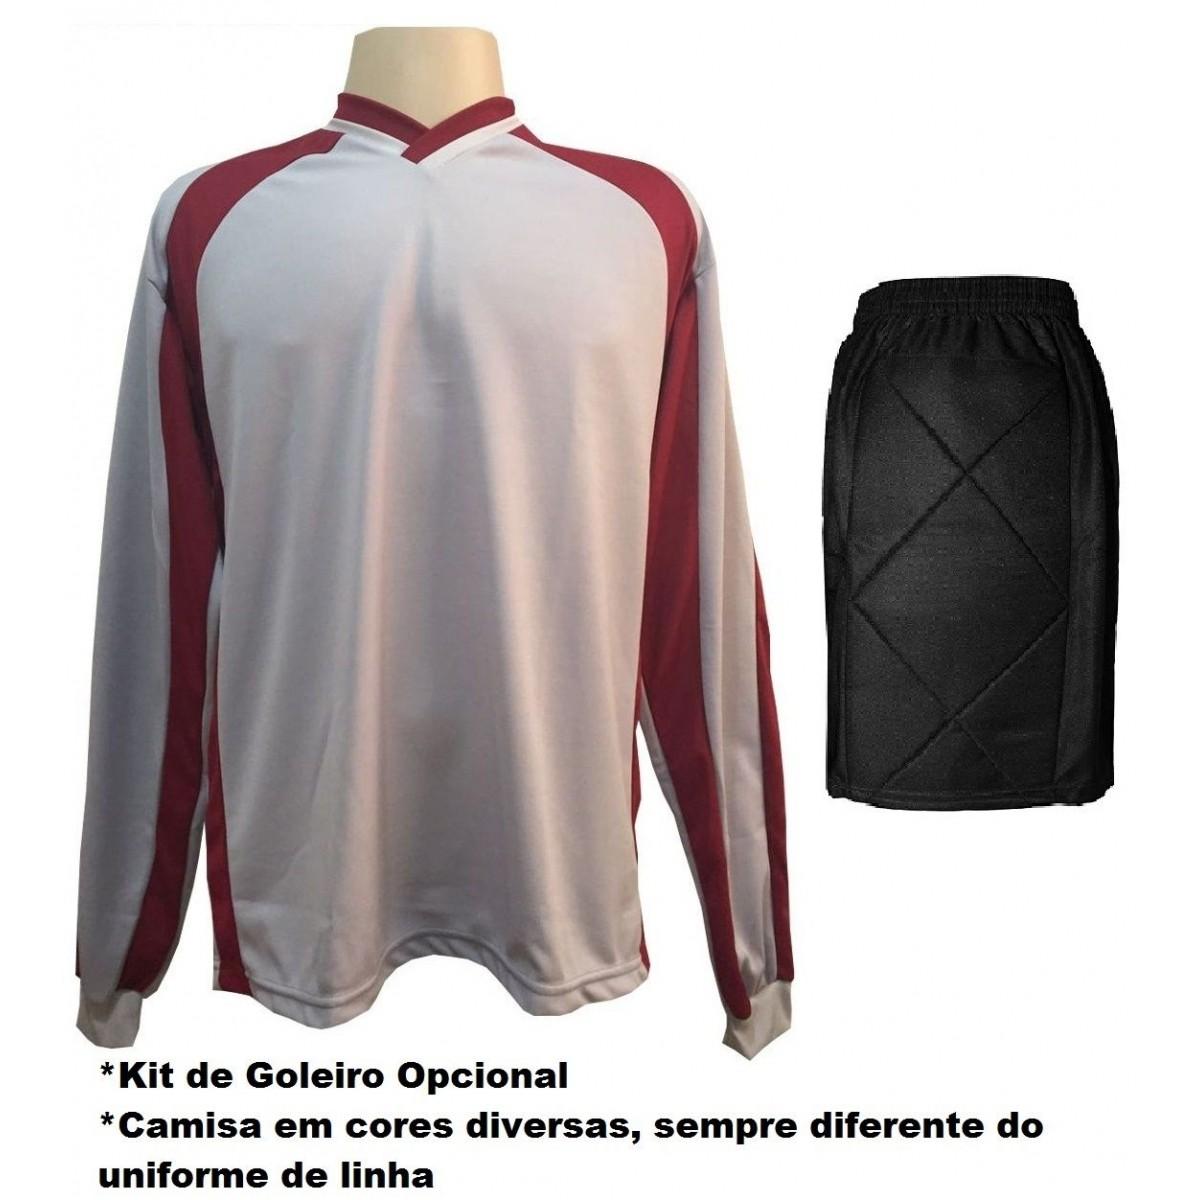 Uniforme Esportivo com 14 Camisas modelo Suécia Royal/Branco + 14 Calções modelo Copa Royal/Branco + Brindes